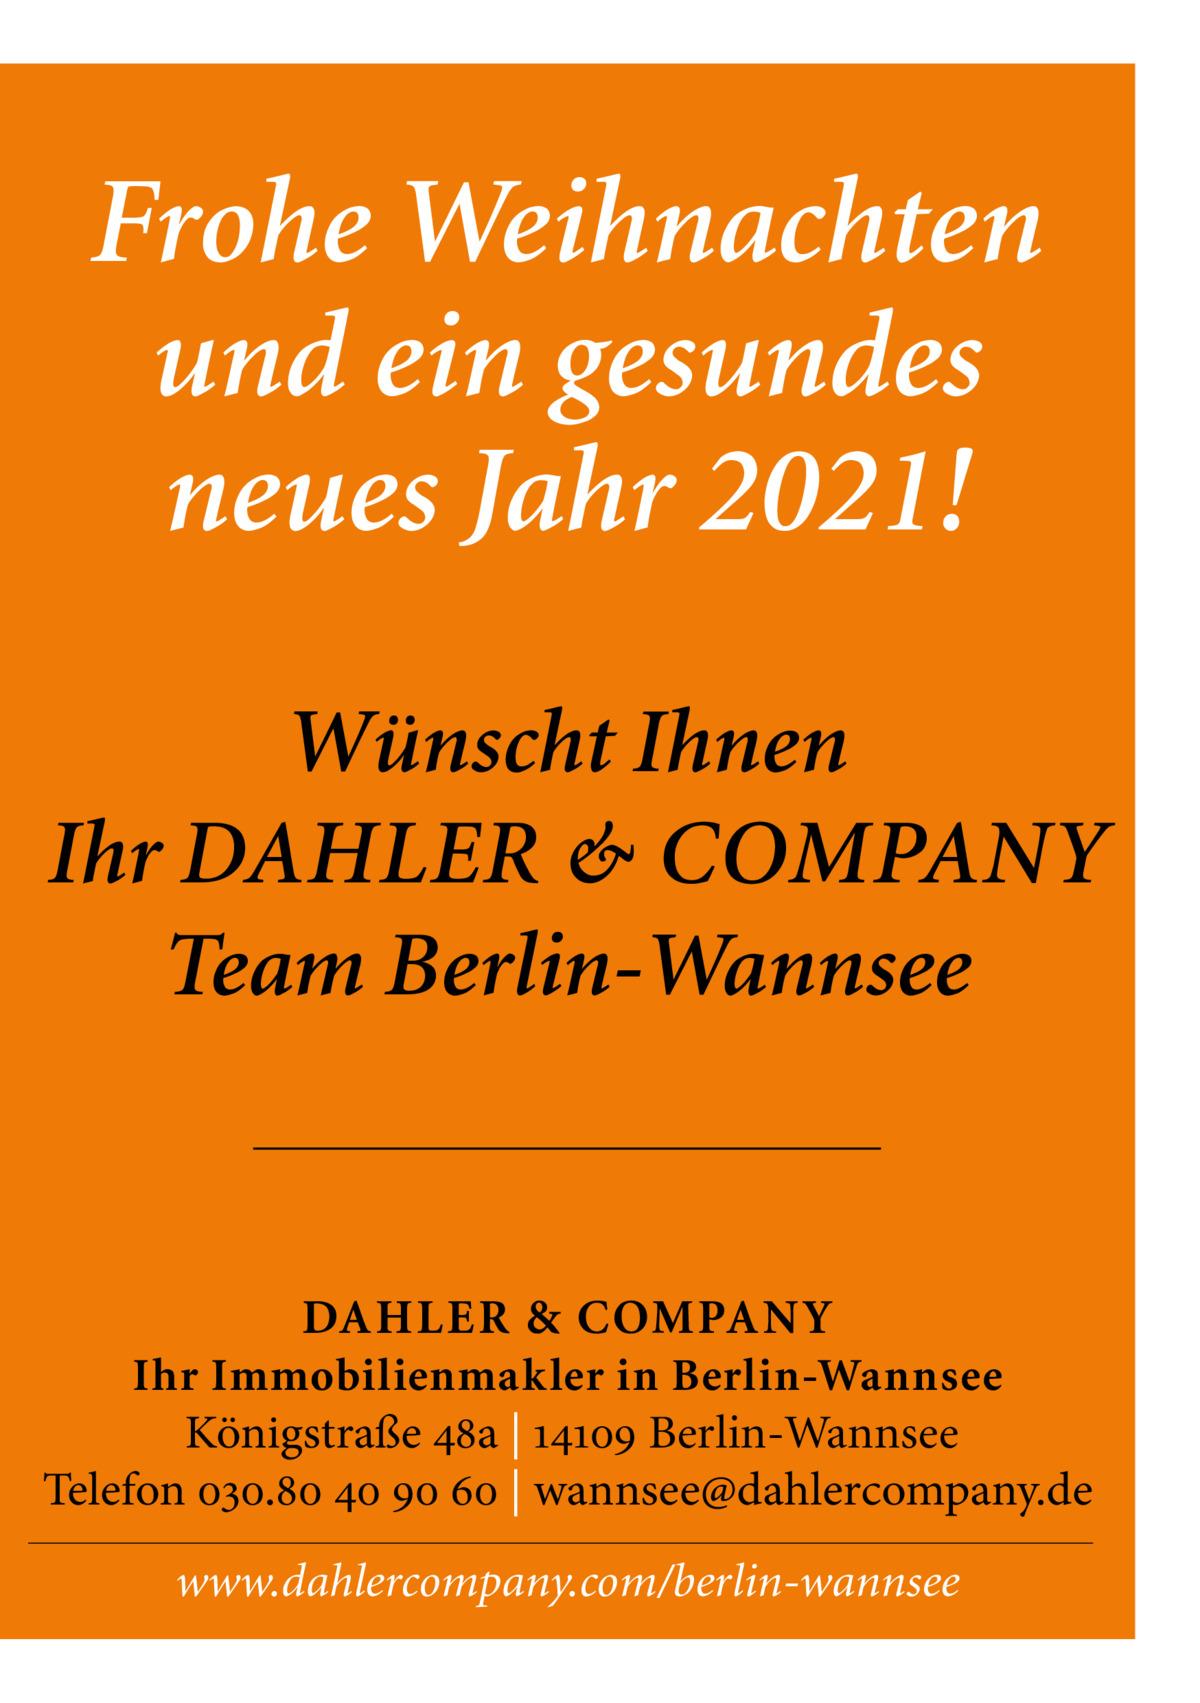 Frohe Weihnachten und ein gesundes neues Jahr 2021! Wünscht Ihnen Ihr DAHLER & COMPANY Team Berlin-Wannsee  DAHLER & COMPANY Ihr Immobilienmakler in Berlin-Wannsee Königstraße 48a | 14109 Berlin-Wannsee Telefon 030.80 40 90 60 | wannsee@dahlercompany.de  www.dahlercompany.com/berlin-wannsee